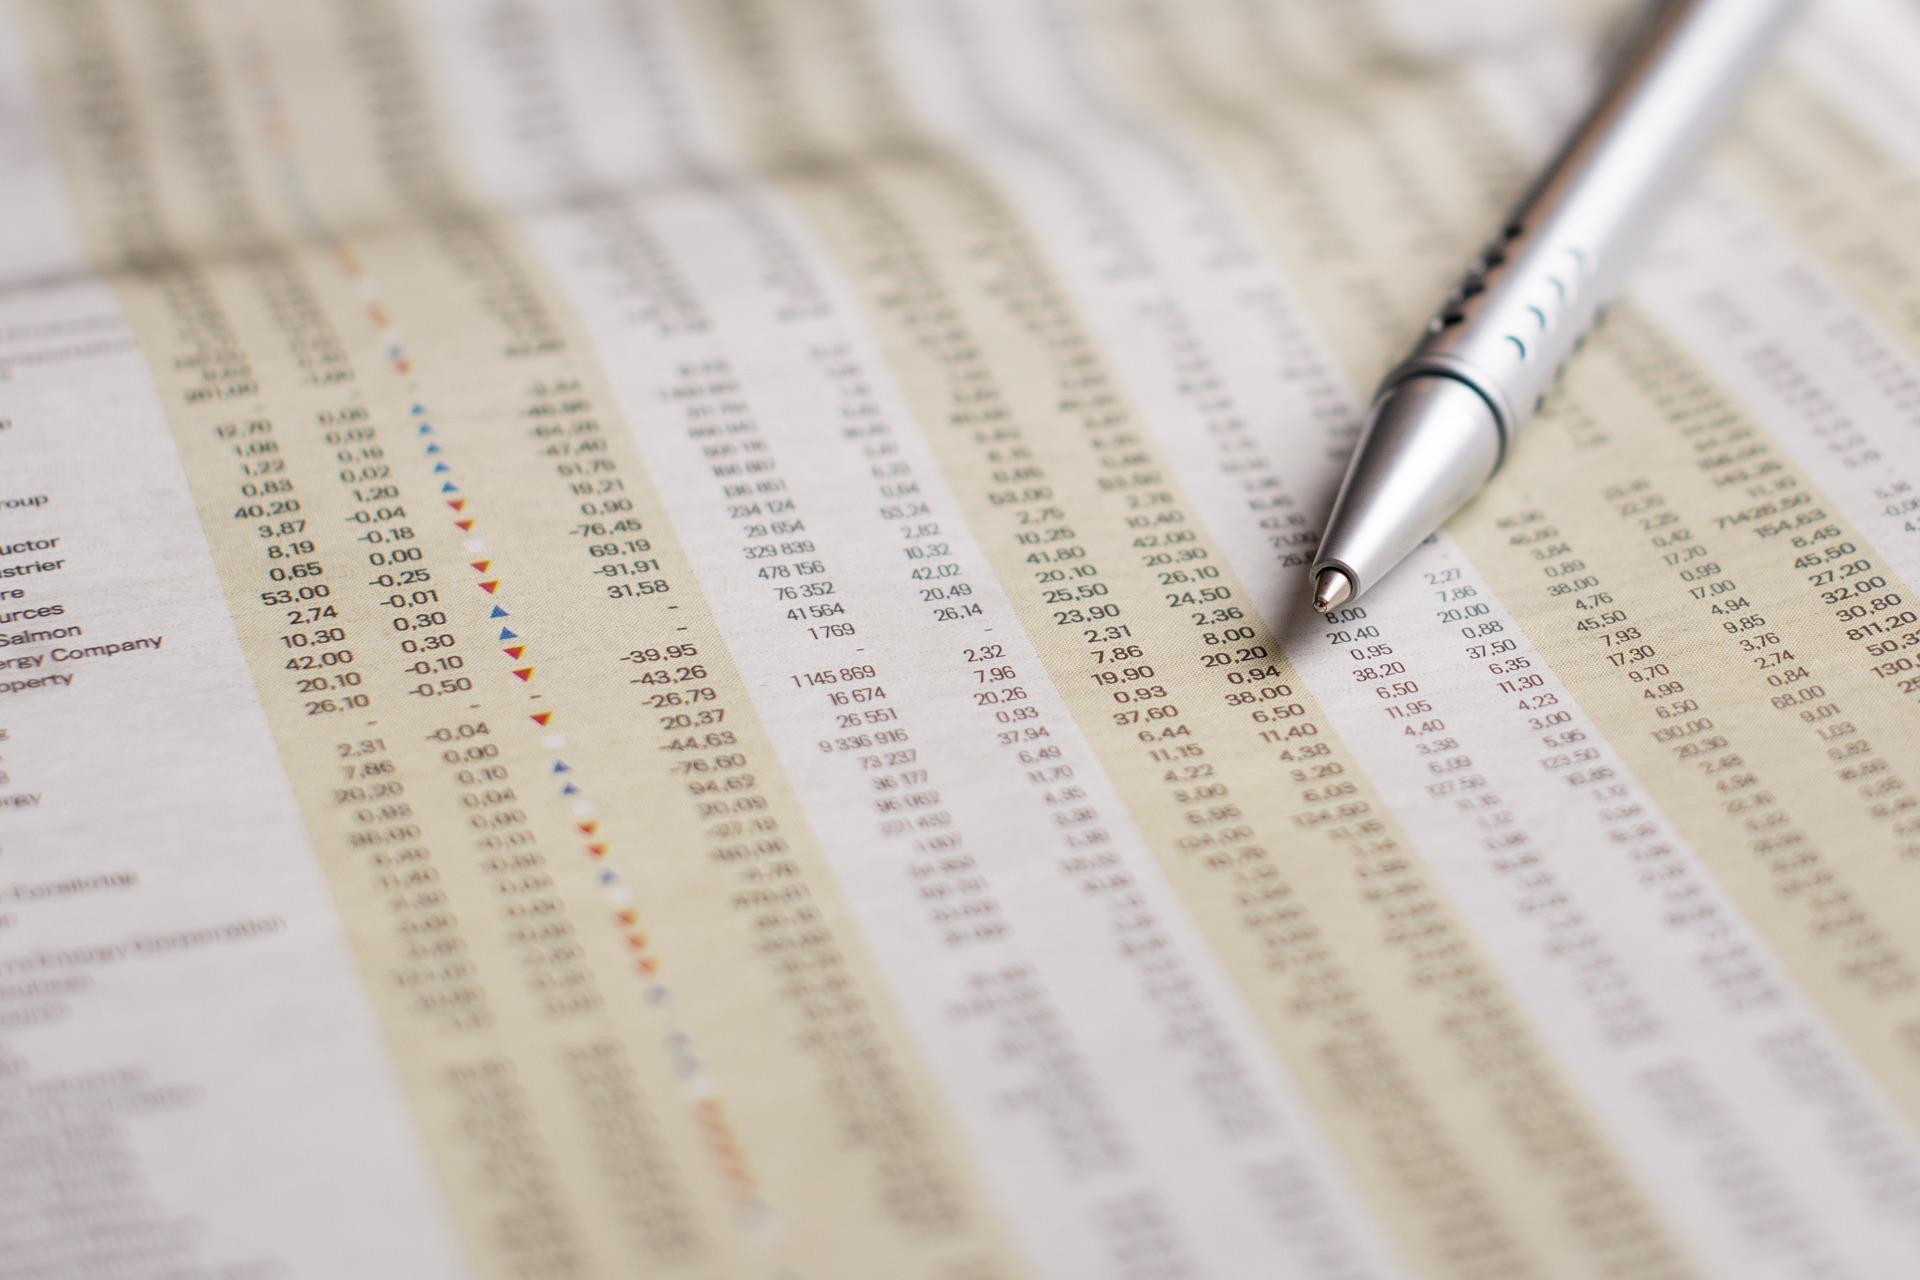 「『iFreeレバレッジ NASDAQ100』米国株式(S&P500/FANG+)インデックスファンドと設定来2年弱の実績比較・評価」「IMFが世界経済見通しを上方修正」「ふるさと納税(ケーキ等)」